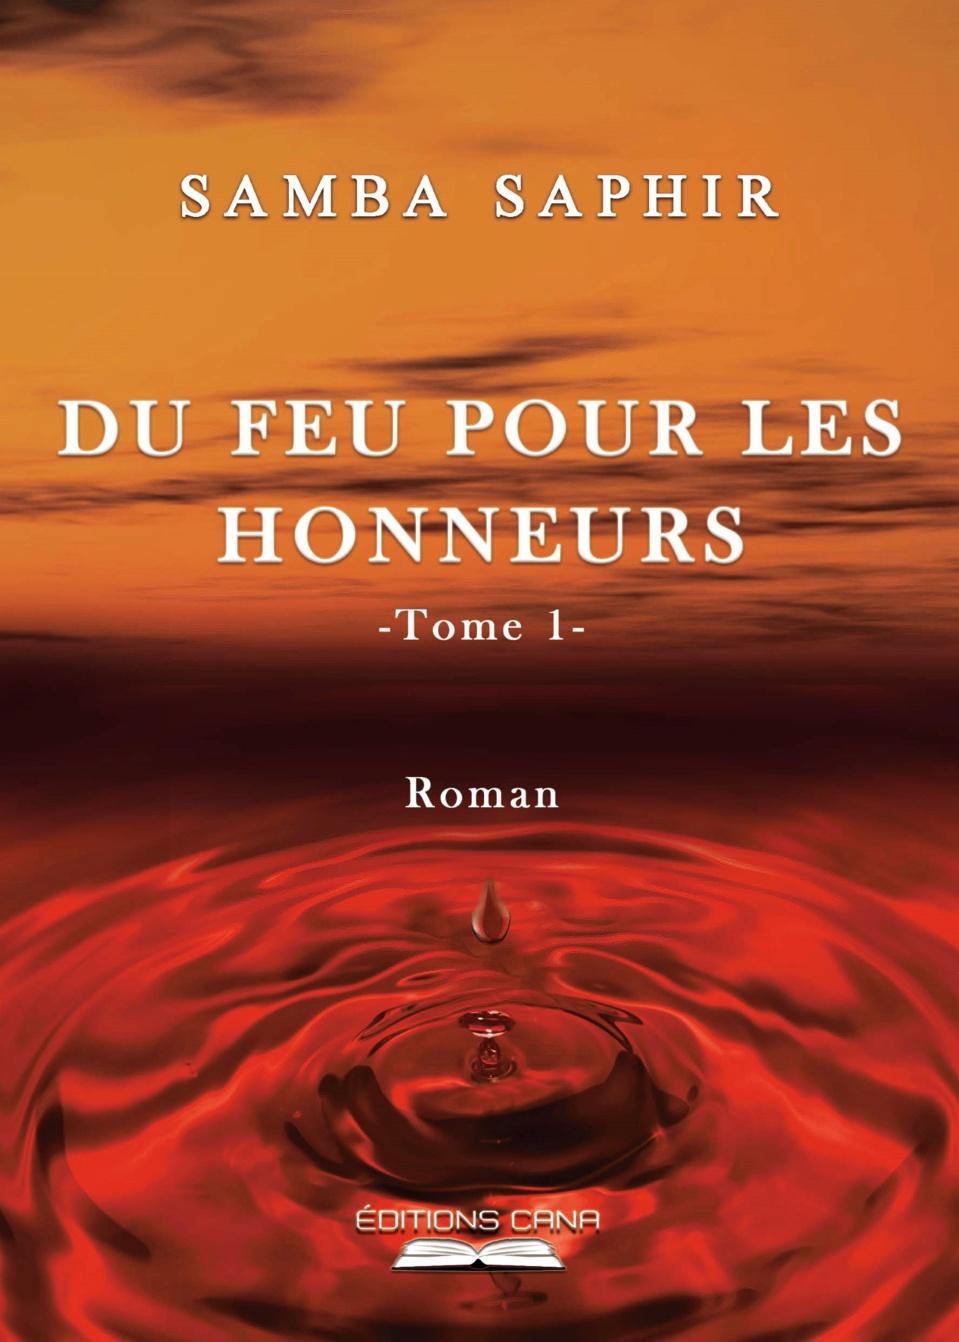 ROMAN: Les vents contraires de l'amour sont au coeur «DU FEU POUR LES HONNEURS» que vient de publier SAMBA Saphir